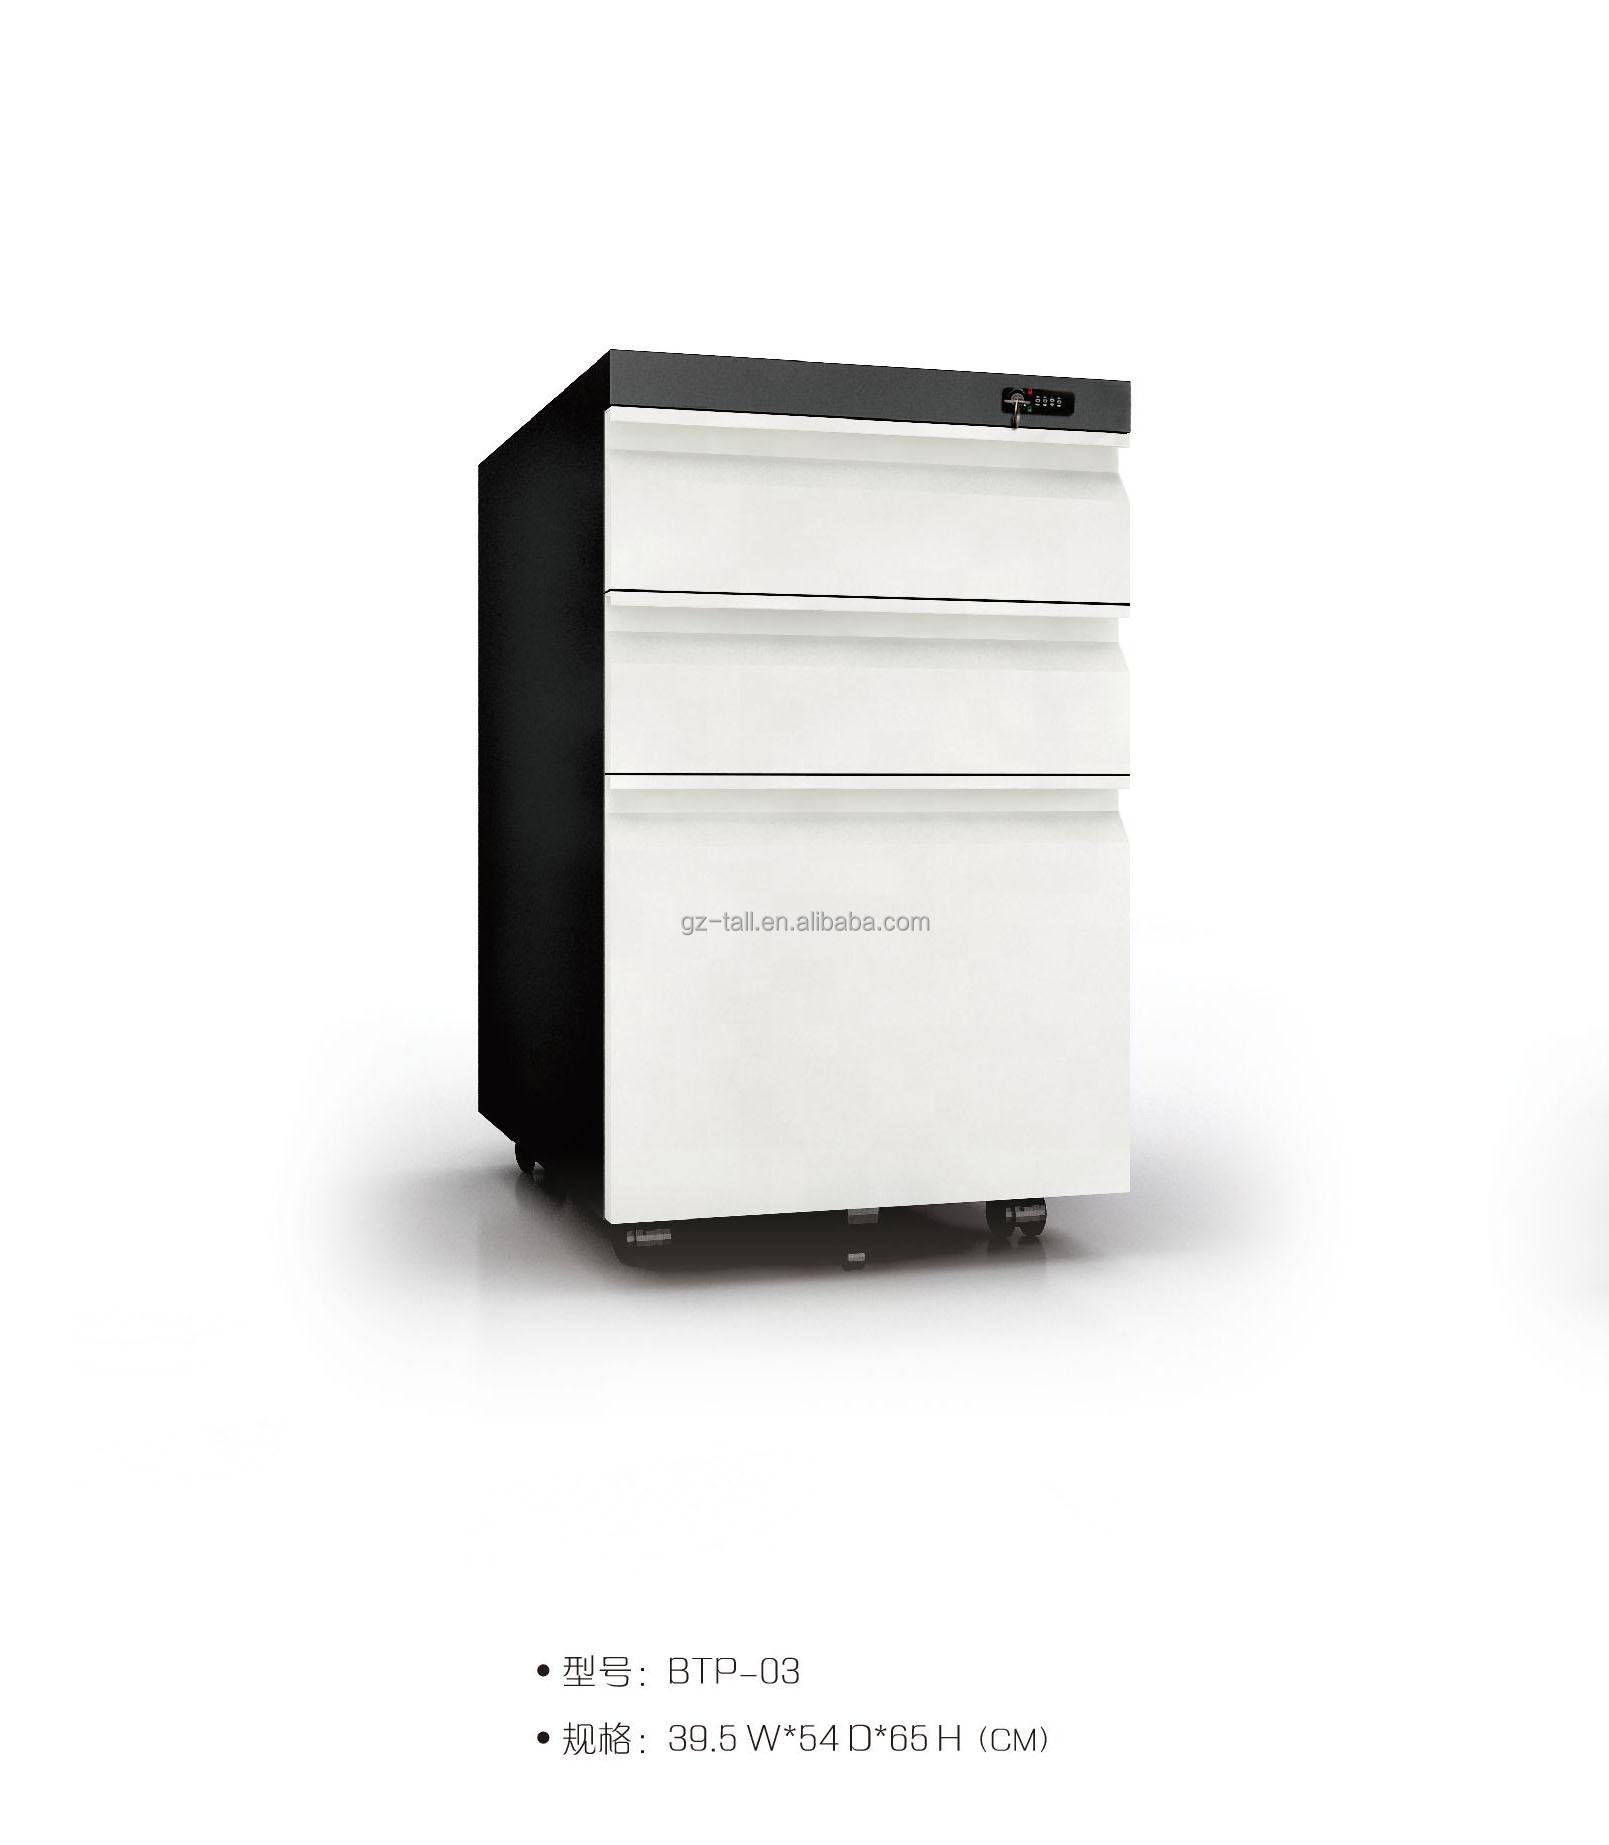 Adesivo De Geladeira No Mercado Livre ~ Antigo escritório armário de arquivo de gabinete com 3 gavetas Arquivos ID do produto